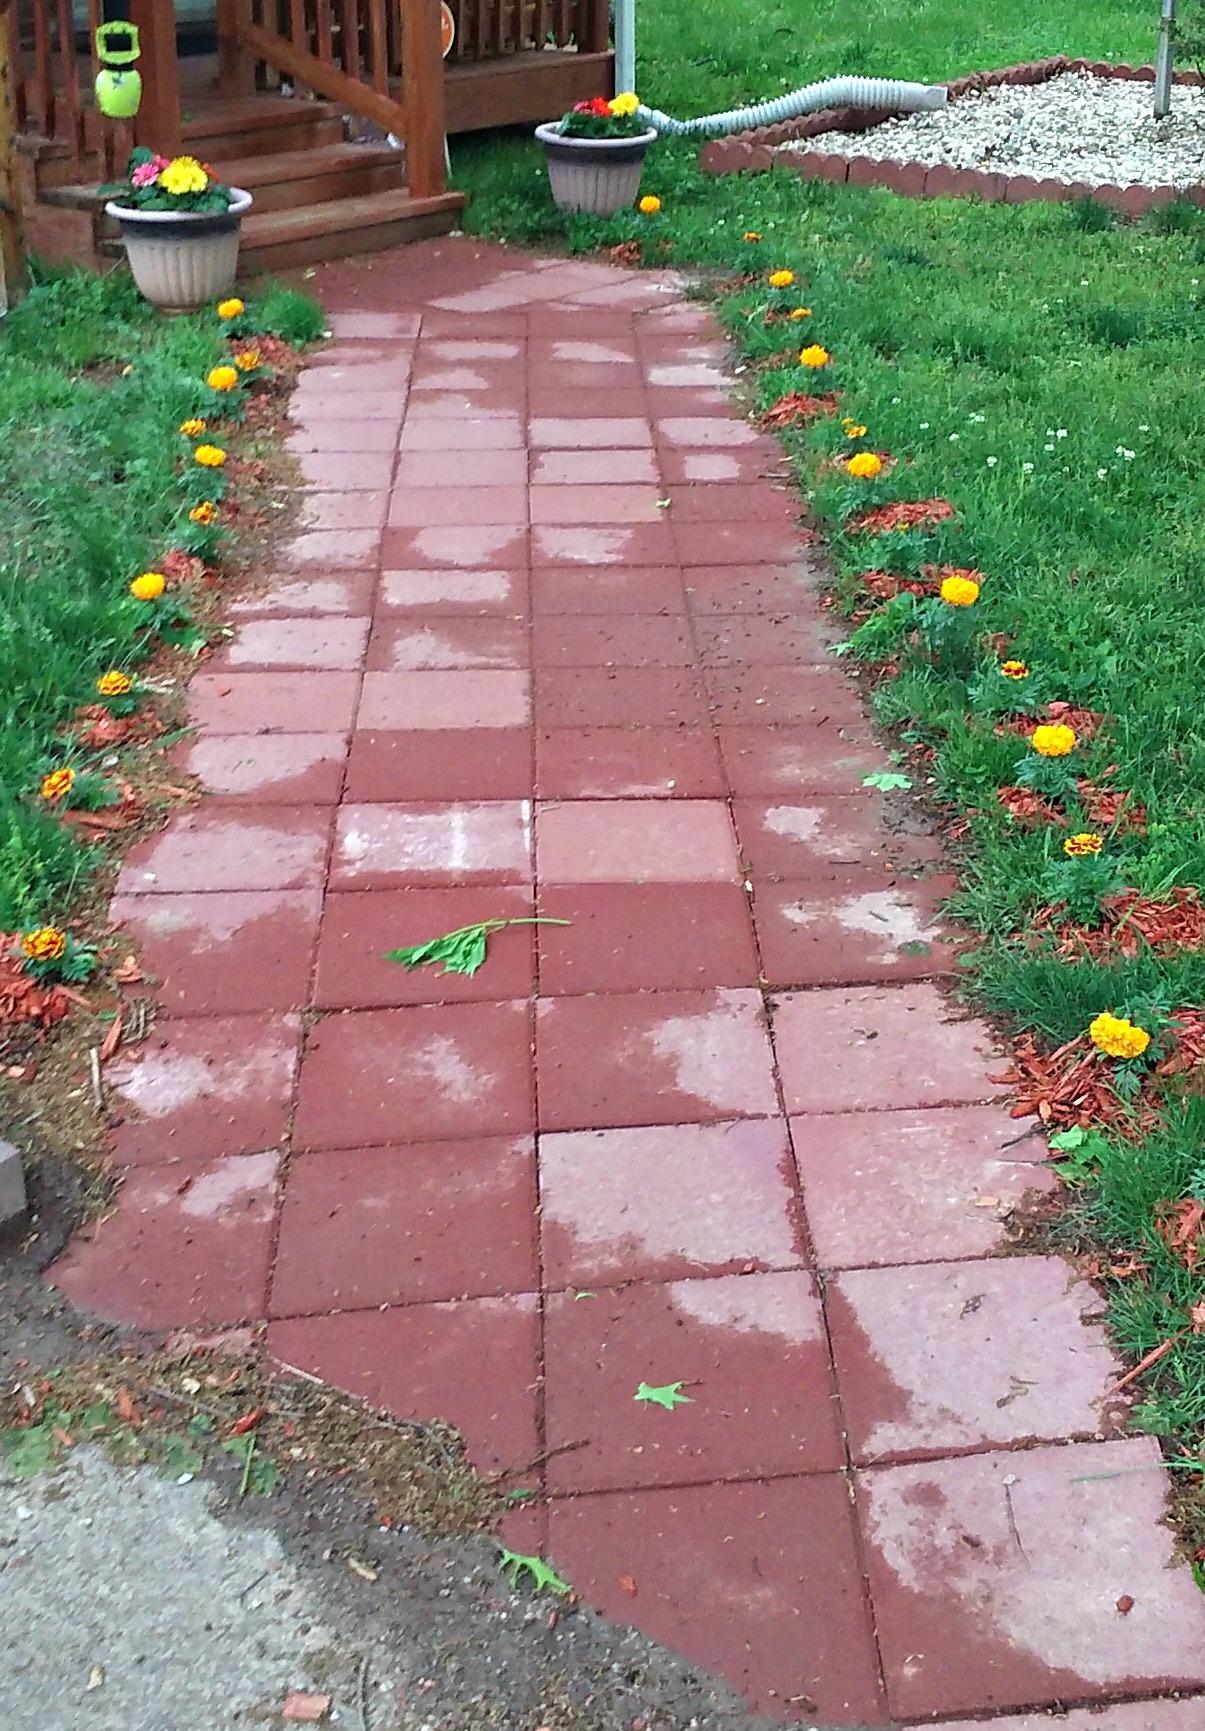 red paver walk way